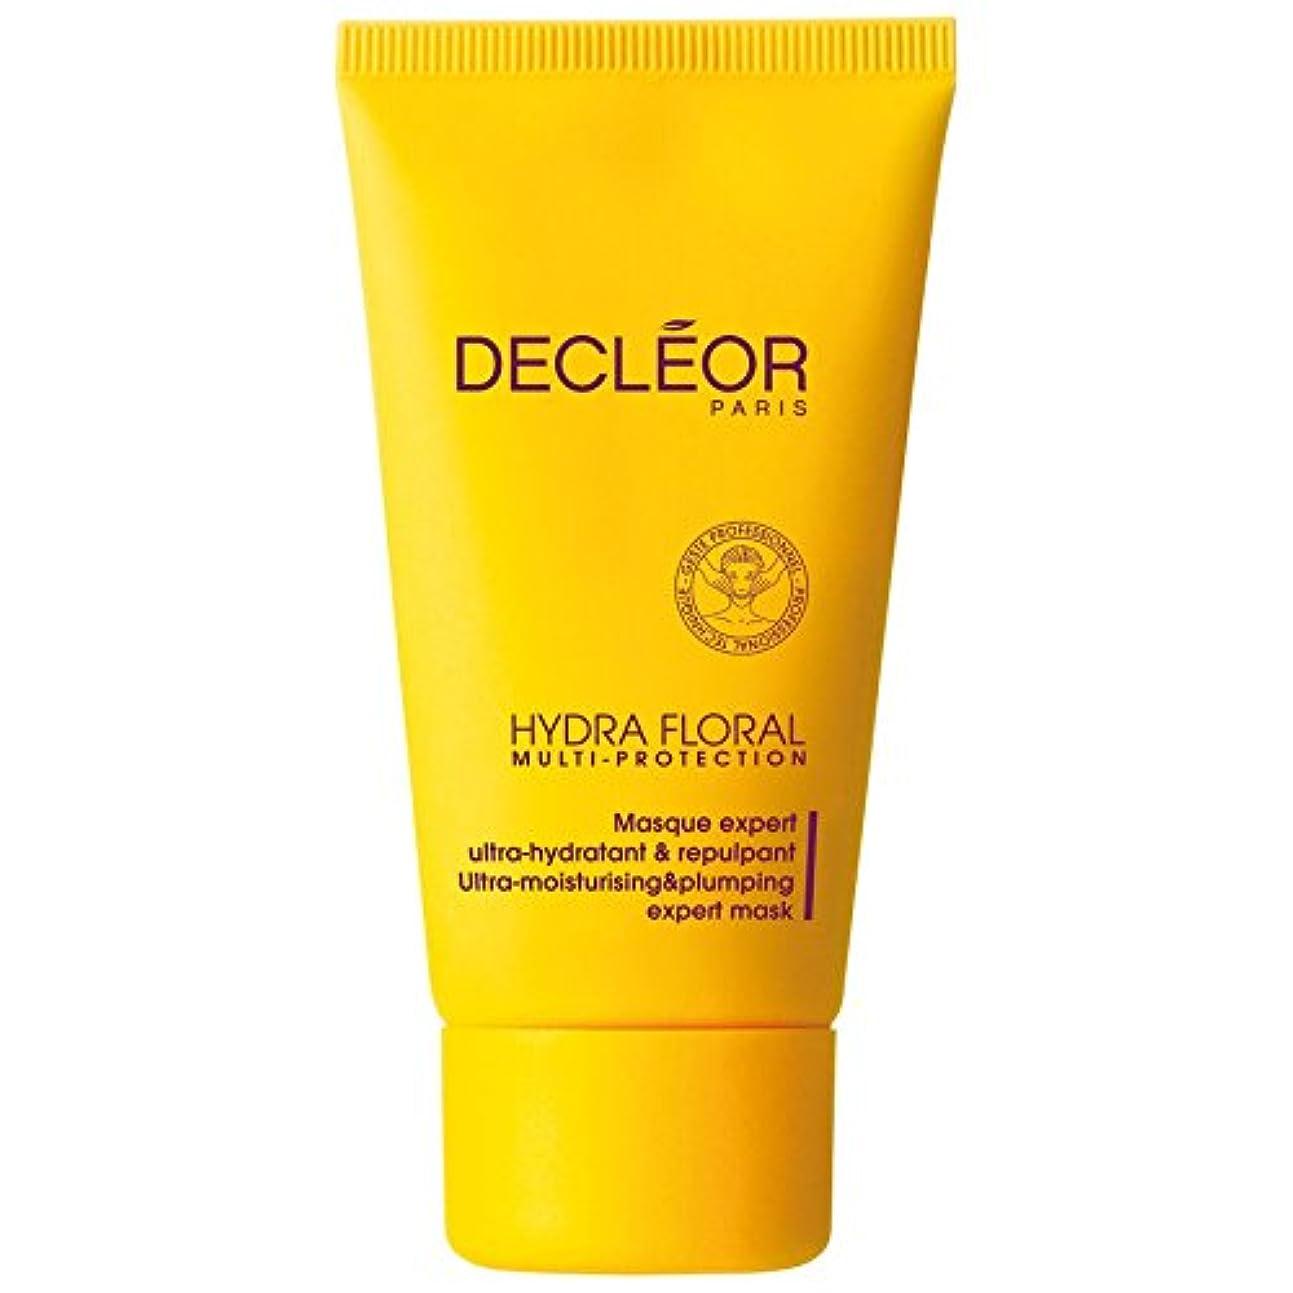 ペルソナスケート開示する[Decl?or] デクレオールヒドラ花のマルチ保護の専門家マスク50ミリリットル - Decl?or Hydra Floral Multi Protection Expert Mask 50ml [並行輸入品]